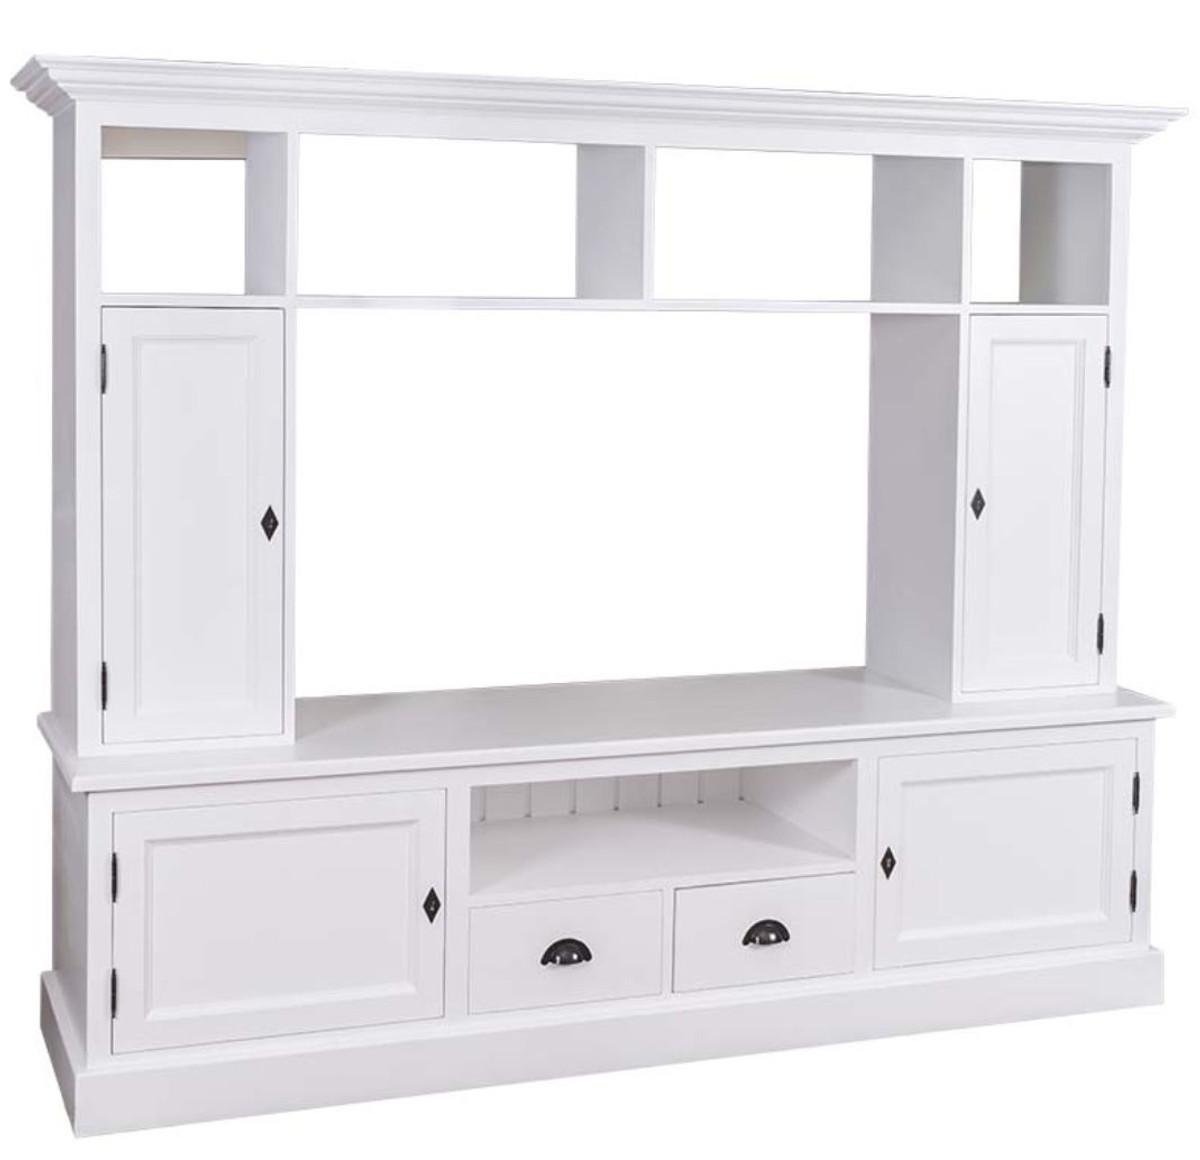 Casa Padrino Landhausstil Wohnzimmer Fernsehschrank Weiß 207 x 46 x H. 166  cm - Landhausstil Wohnzimmermöbel